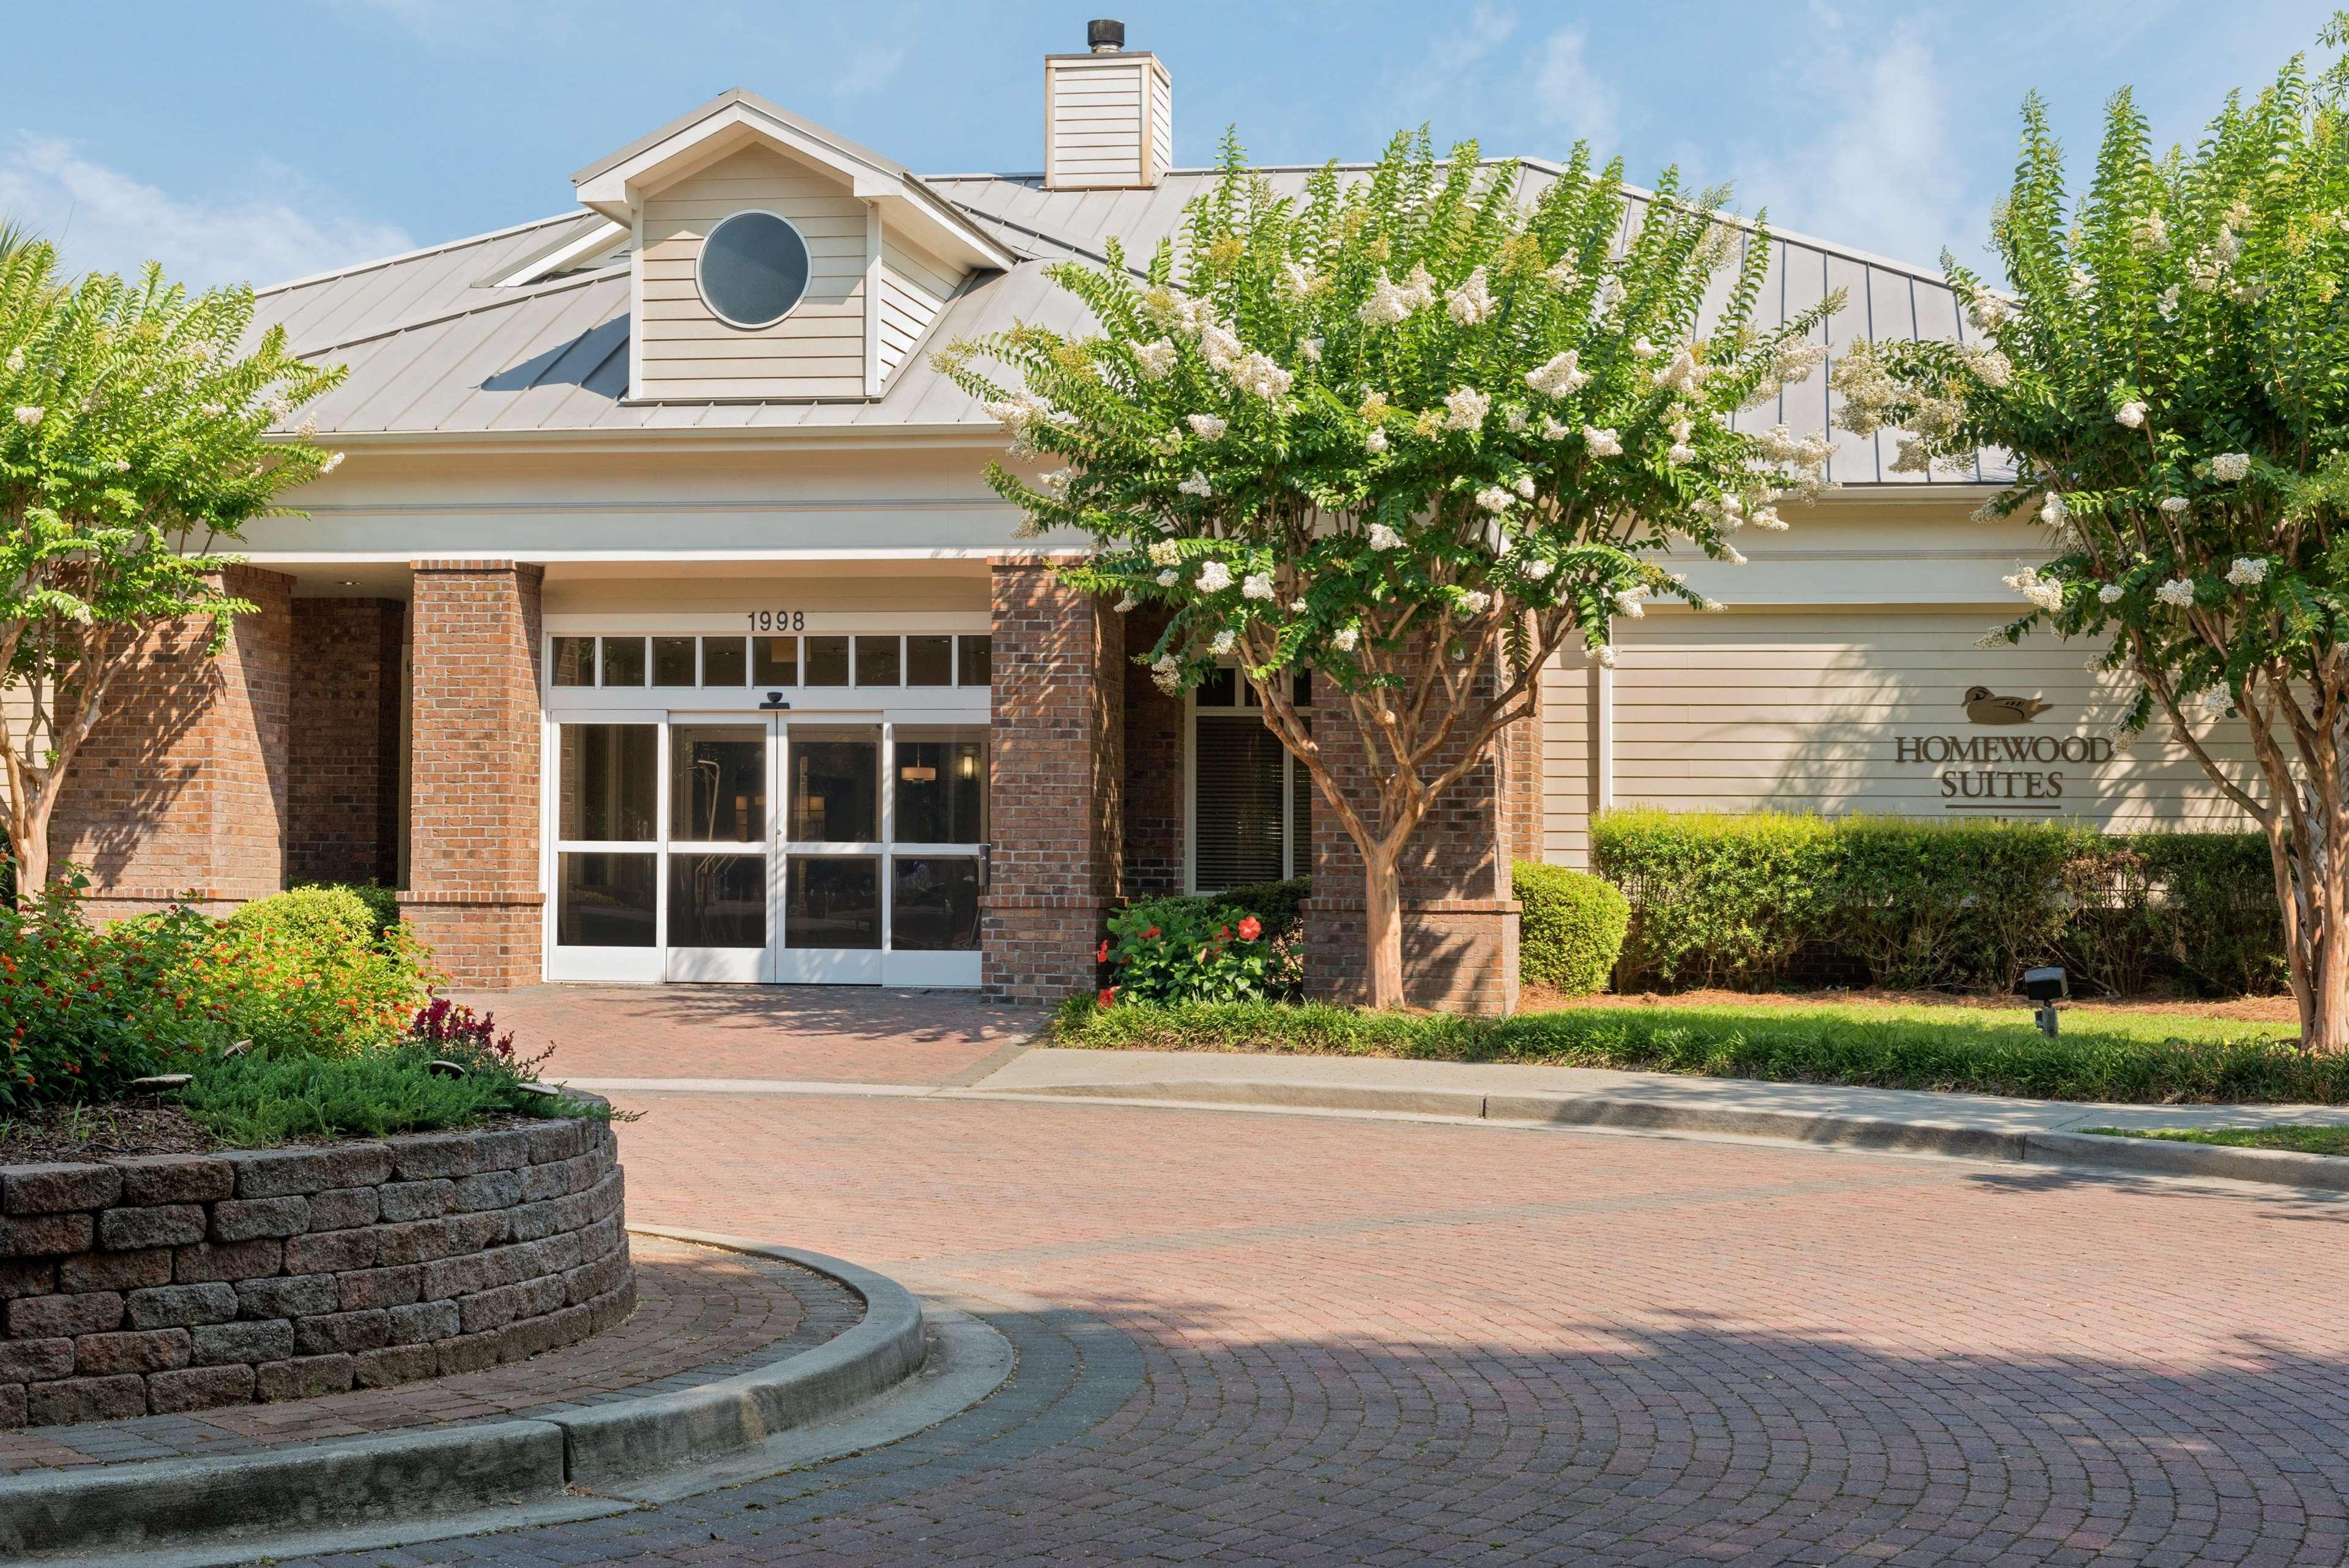 Homewood Suites by Hilton Charleston - Mt. Pleasant image 31